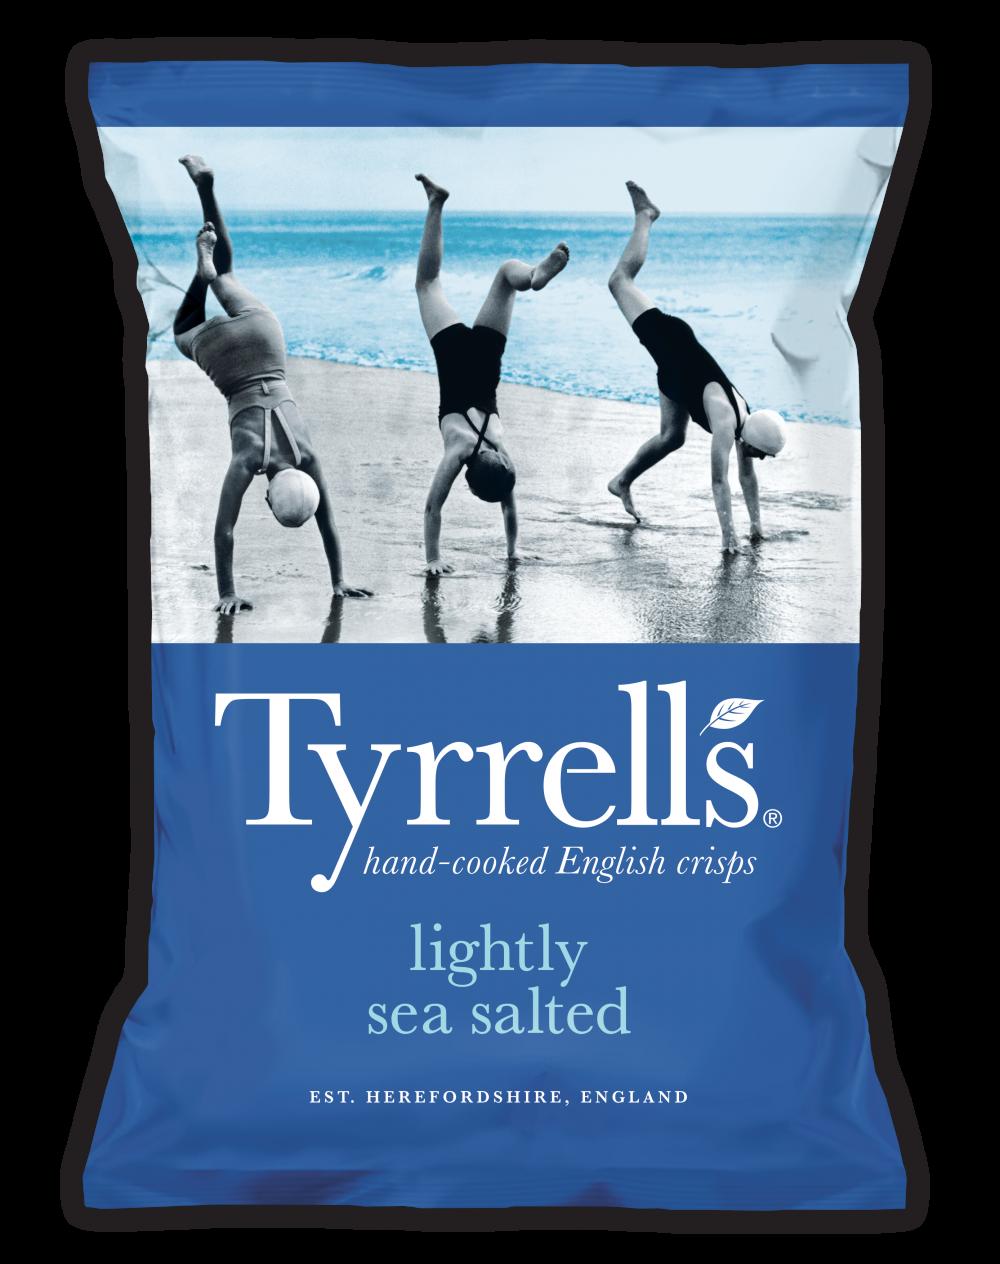 ȋ±å›½å›½æ°'薯片品牌tyrrells的包装创意 ŀ¼å¾—你细品 In 2020 Sea Salt Tyrrells Crisps Sea